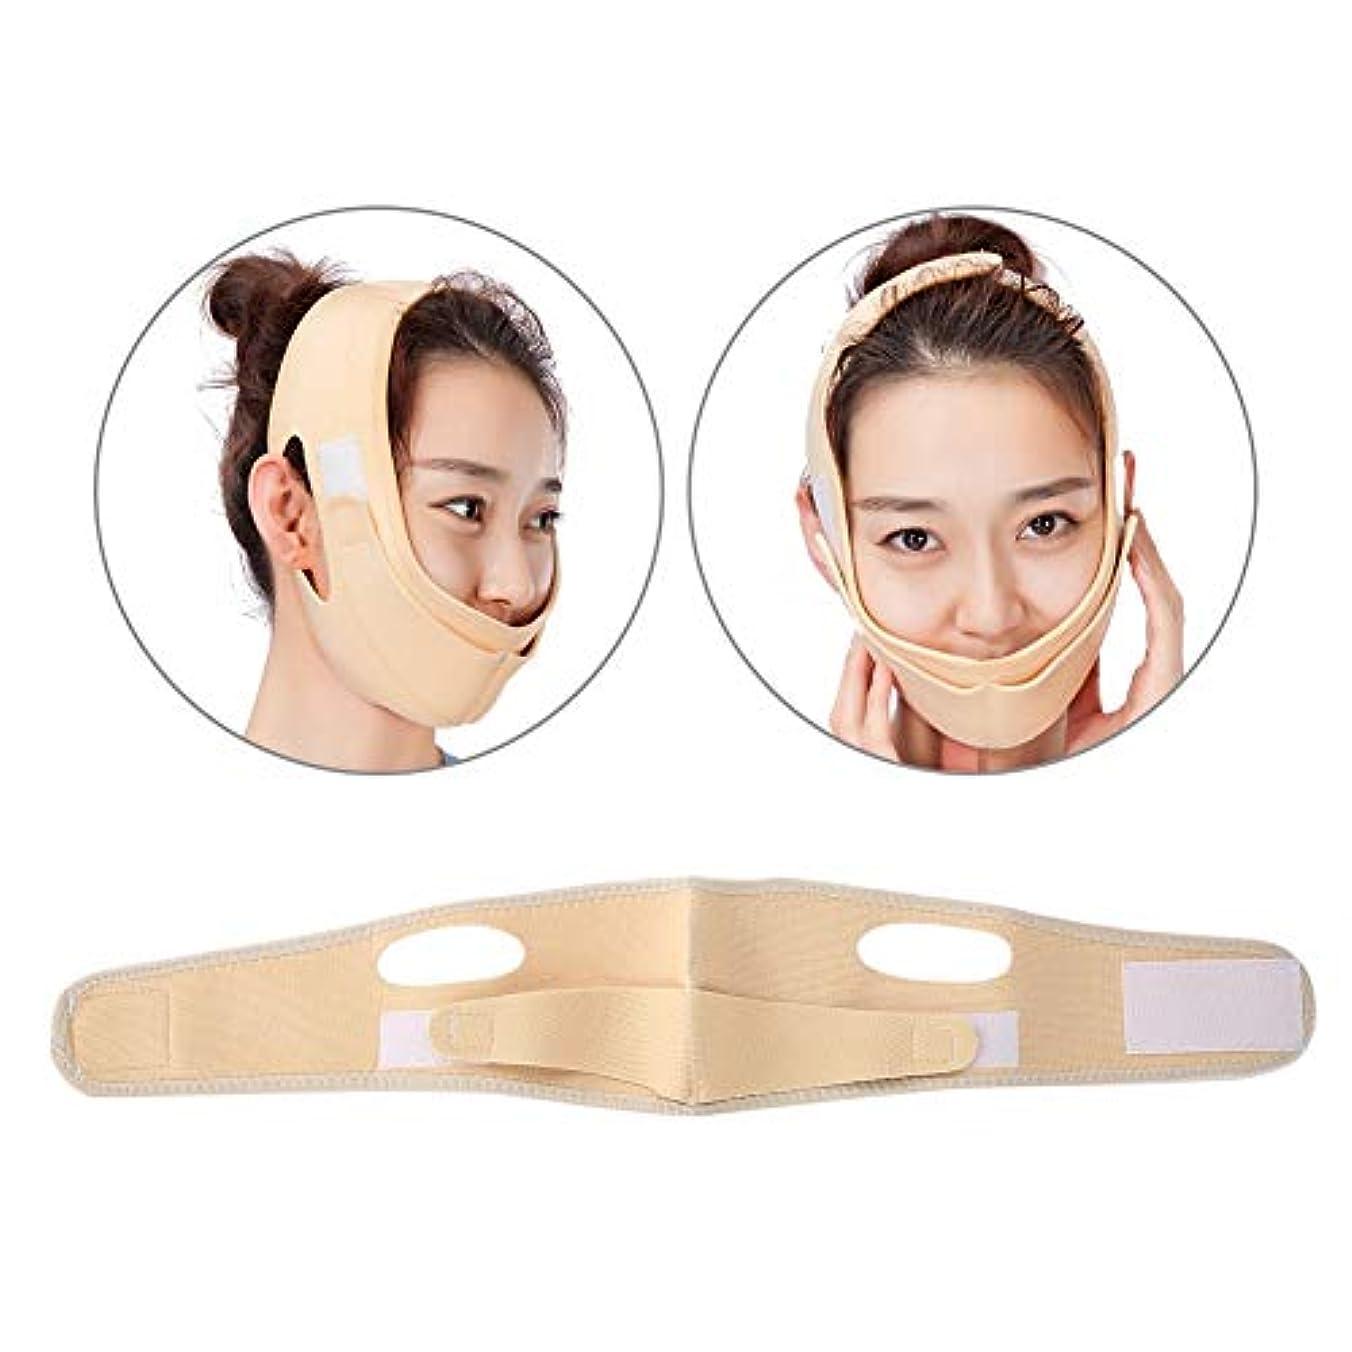 体操キュービック突破口フェイスリフト用 フェイスマスク 顔輪郭を改善する 美容包帯 通気性/伸縮性/変形不可(01)